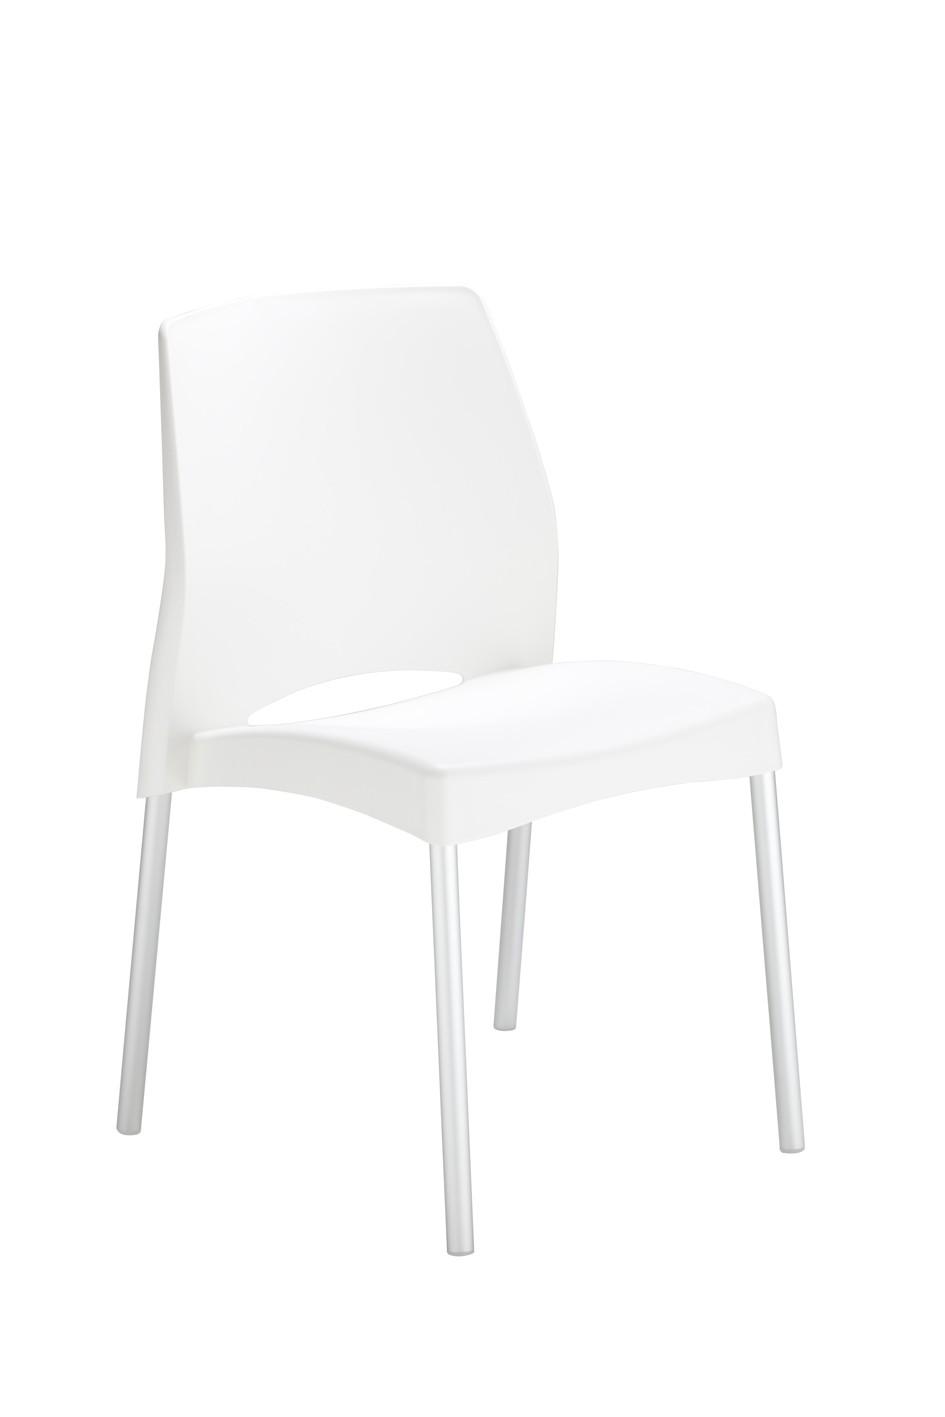 Chaise de collectivit el sol achat chaise pour - Mobilier de collectivite ...